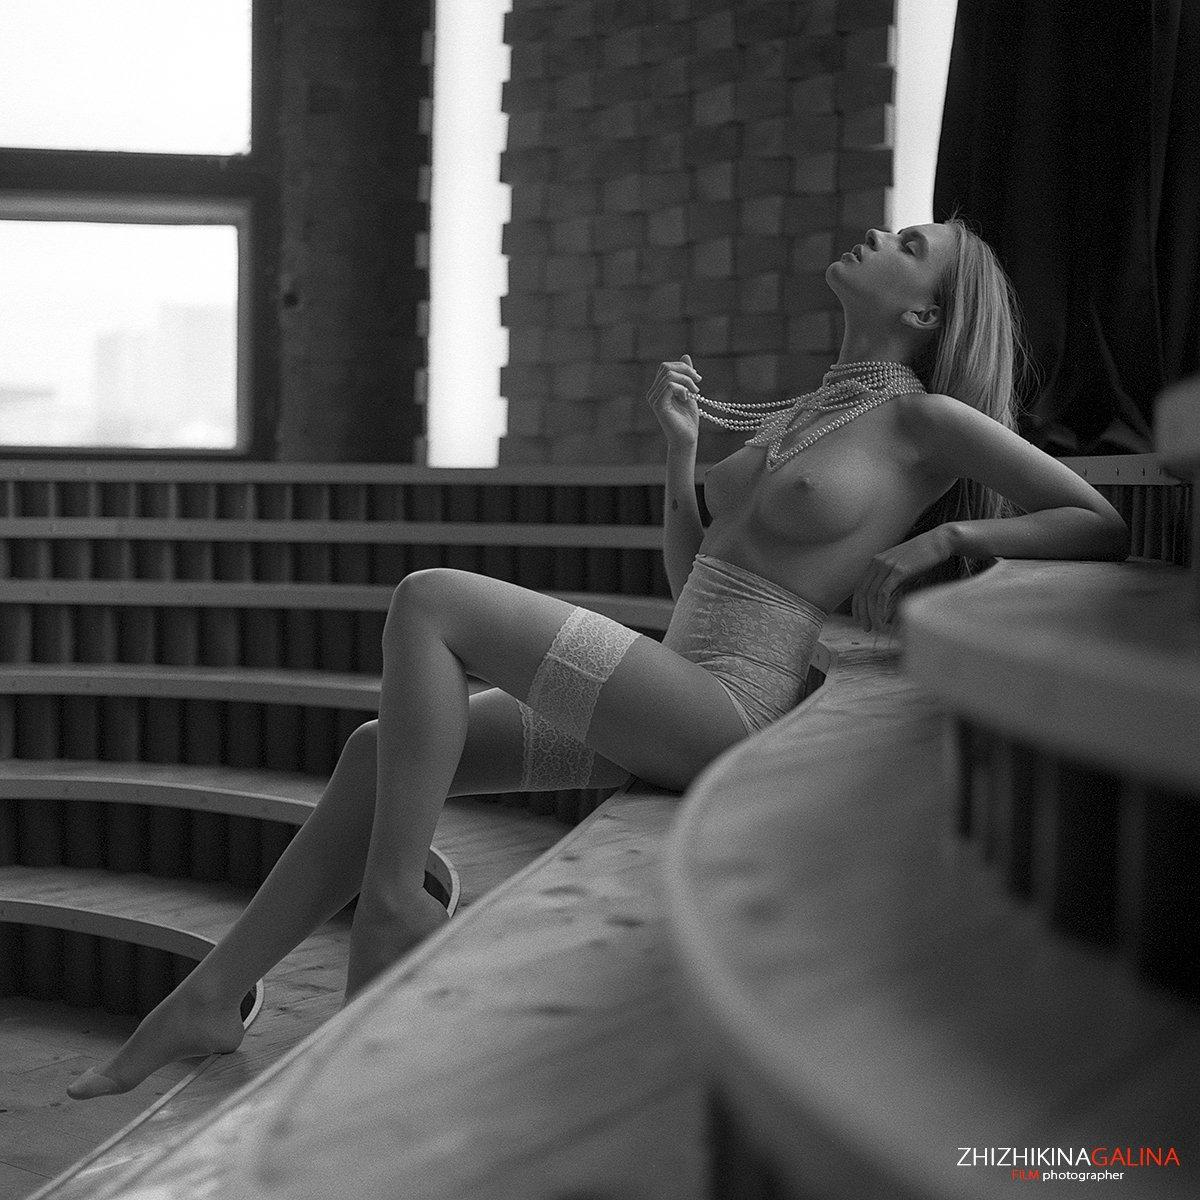 девушка, свет, модель, портрет, жанр, руки, нежность, искусство, креатив, ню, модель, фотография, фотосессия, прикосновение, ч/б, 6х6, m-format, middle, film, b&w, soul, photo, photography, portrait, nature, black, art, nude, artnu, nu, Галина Жижикина